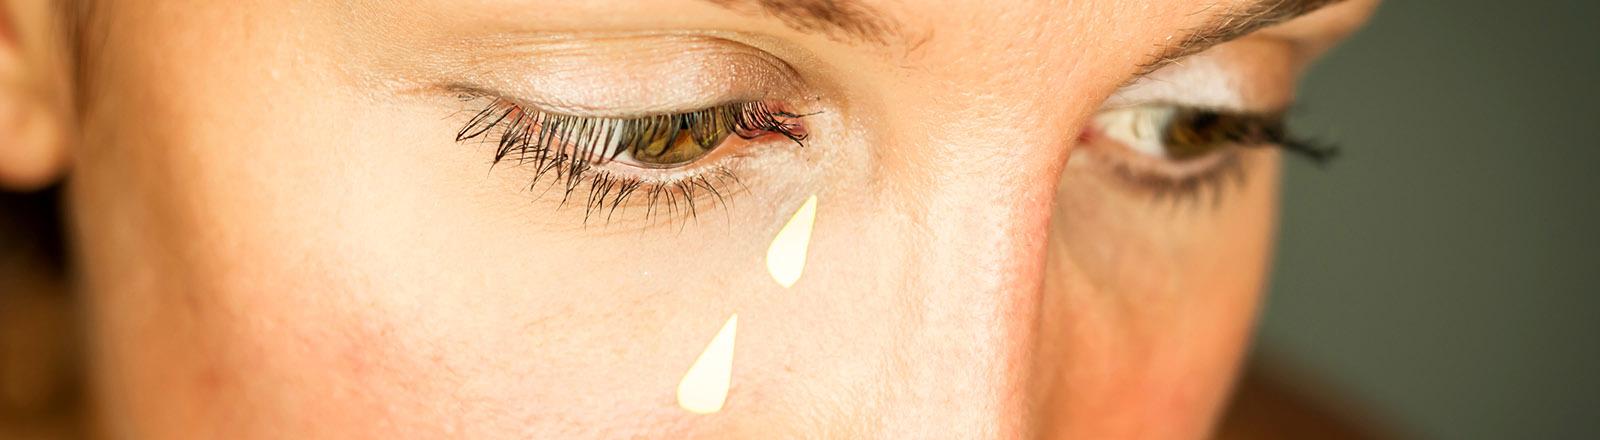 Eine Frau vergießt symbolisch Tränen, die ihr ins Gesicht geklebt wurden.